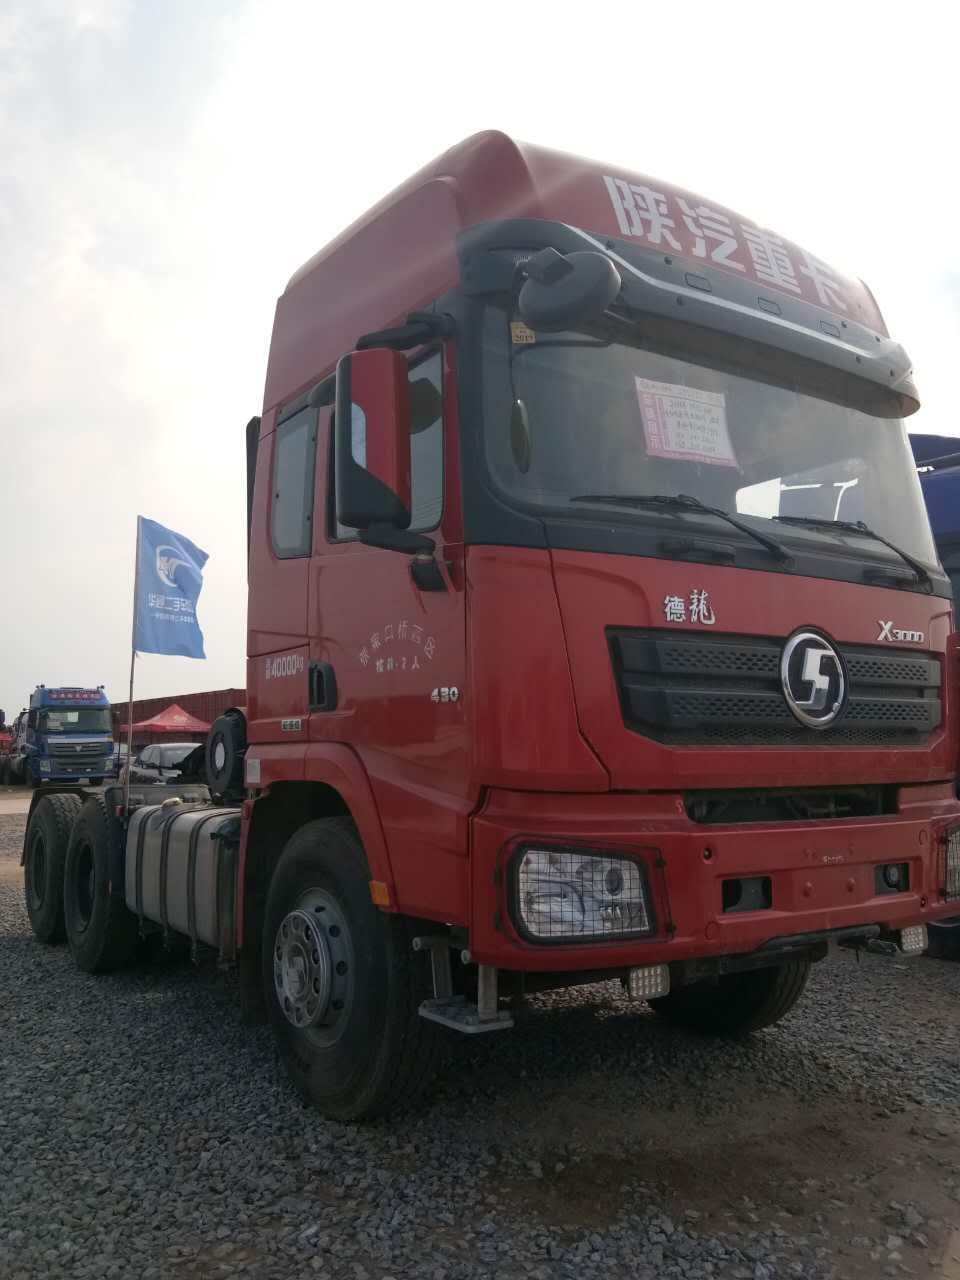 【揭阳】出售二手陕汽德龙X3000双驱 价格20.00万 二手车